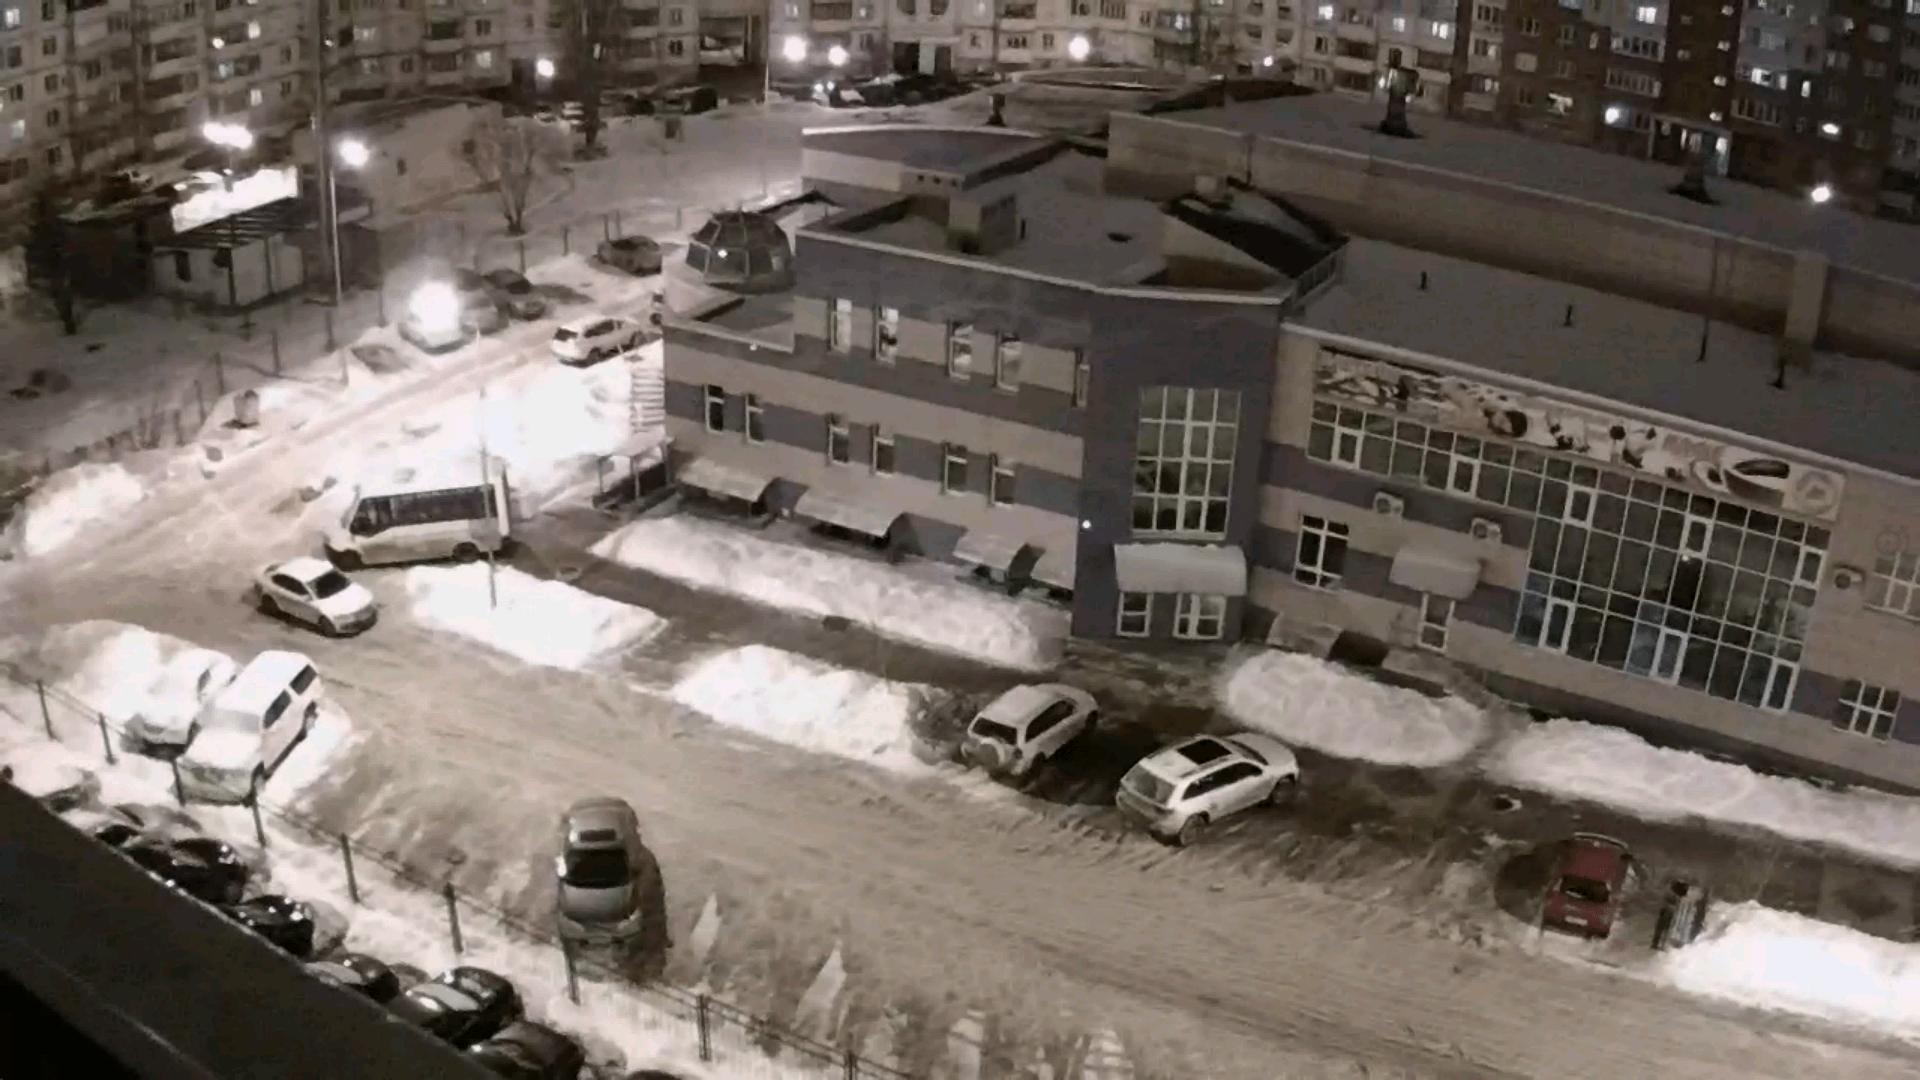 Съёмка улицы в ночное время